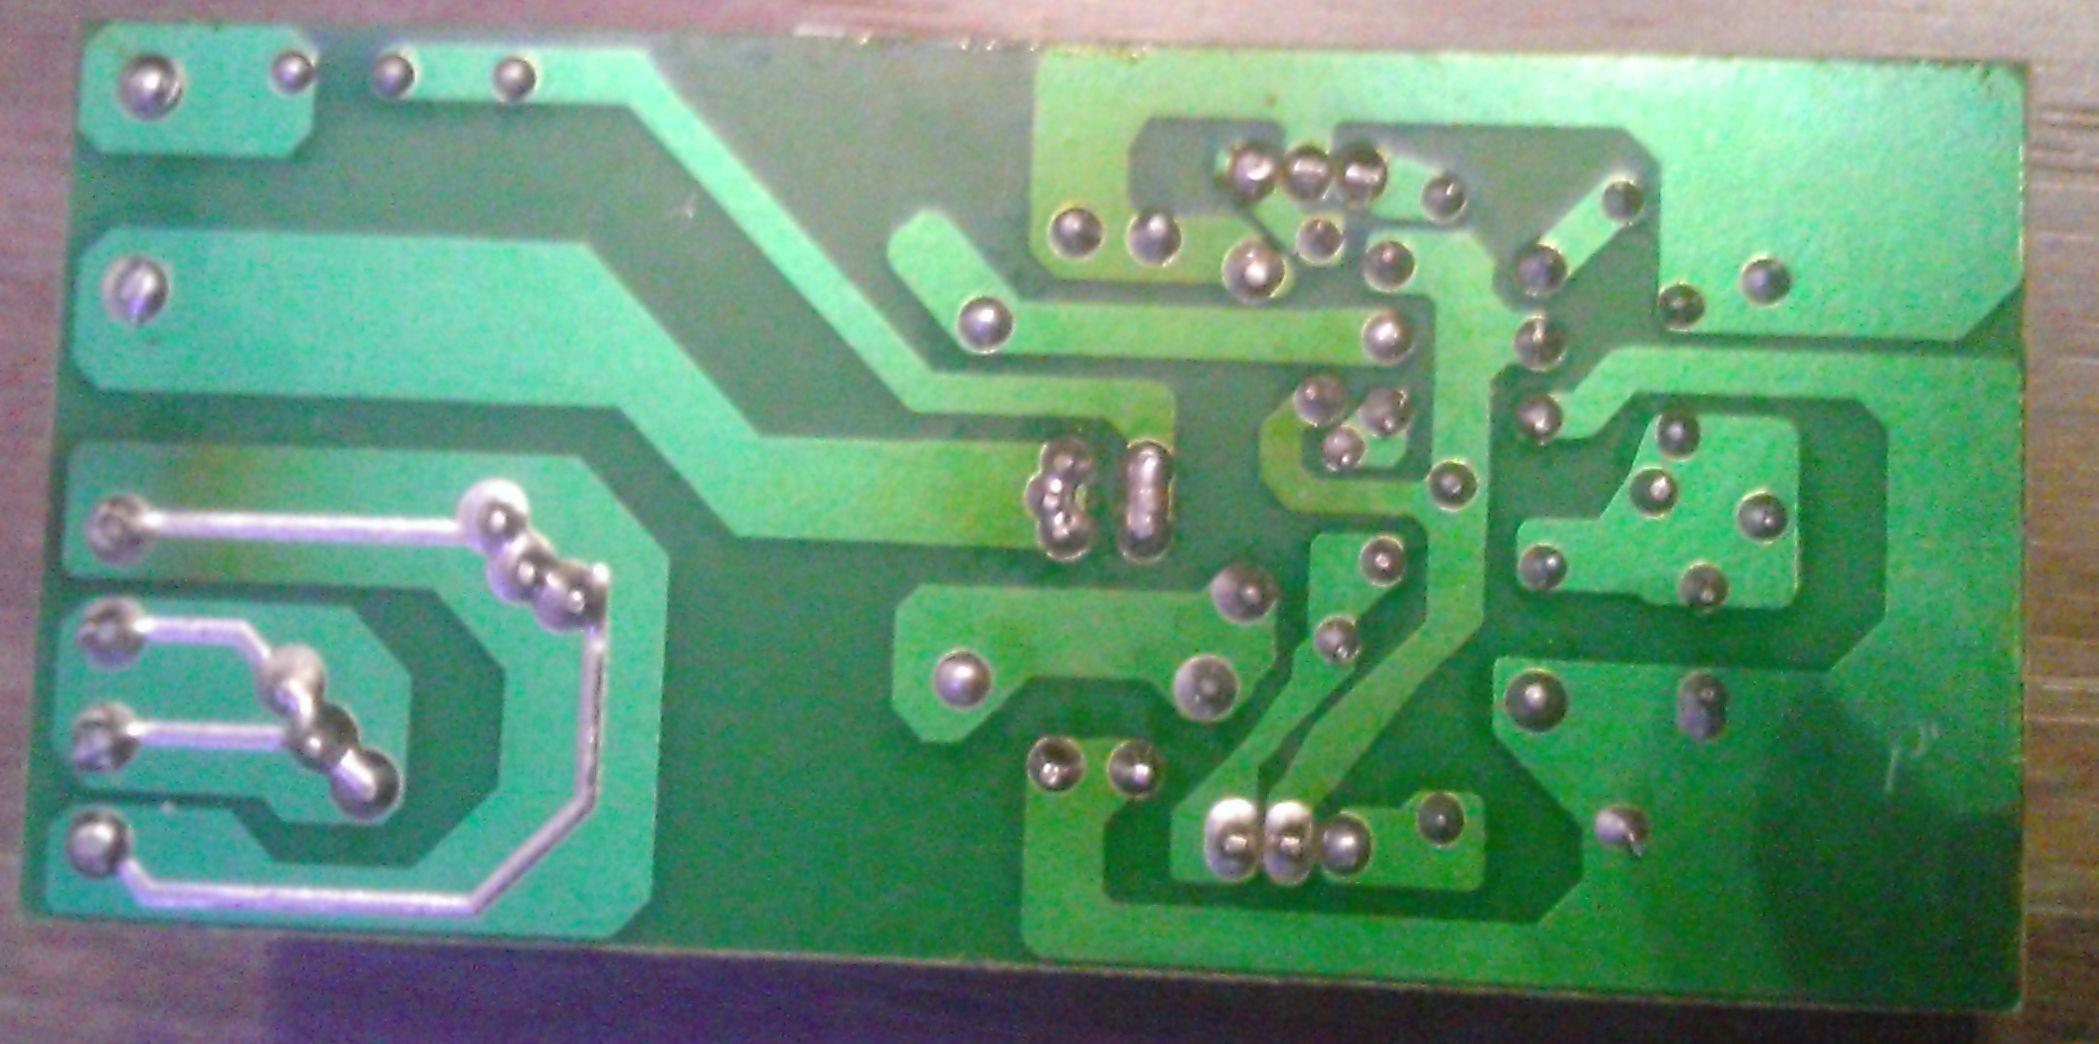 Обратная сторона платы электронного трансформатора ERDKREIS